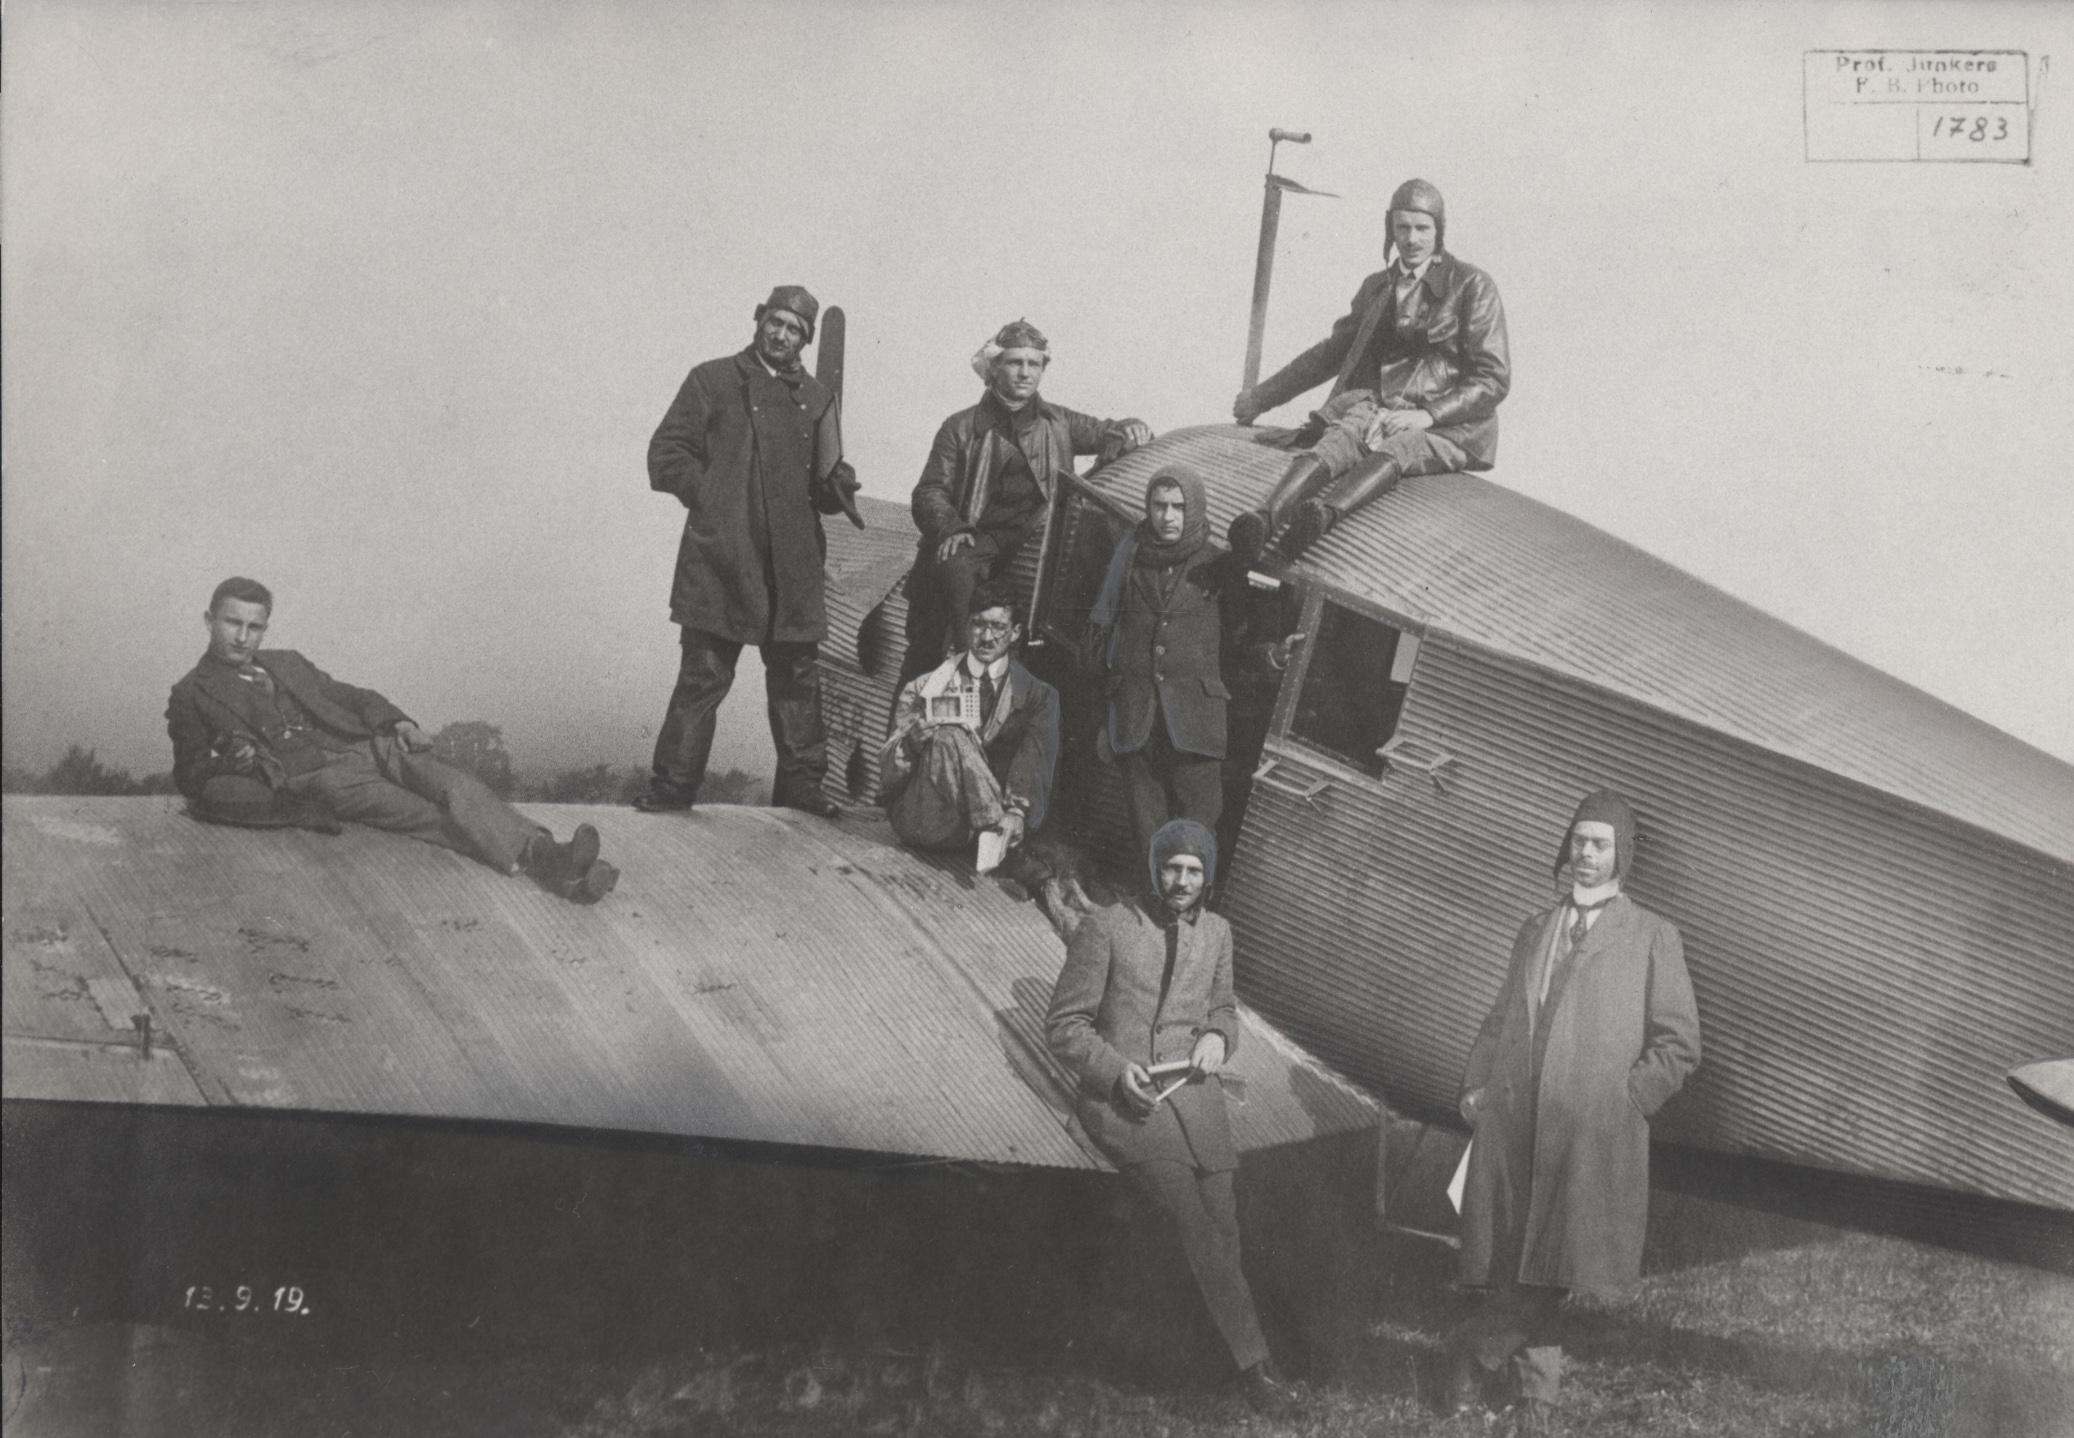 Mit sieben Personen an Bord flog die F13 am 13. September 1919 in Dessau einen Höhen-Weltrekord bis auf 6750 Meter.